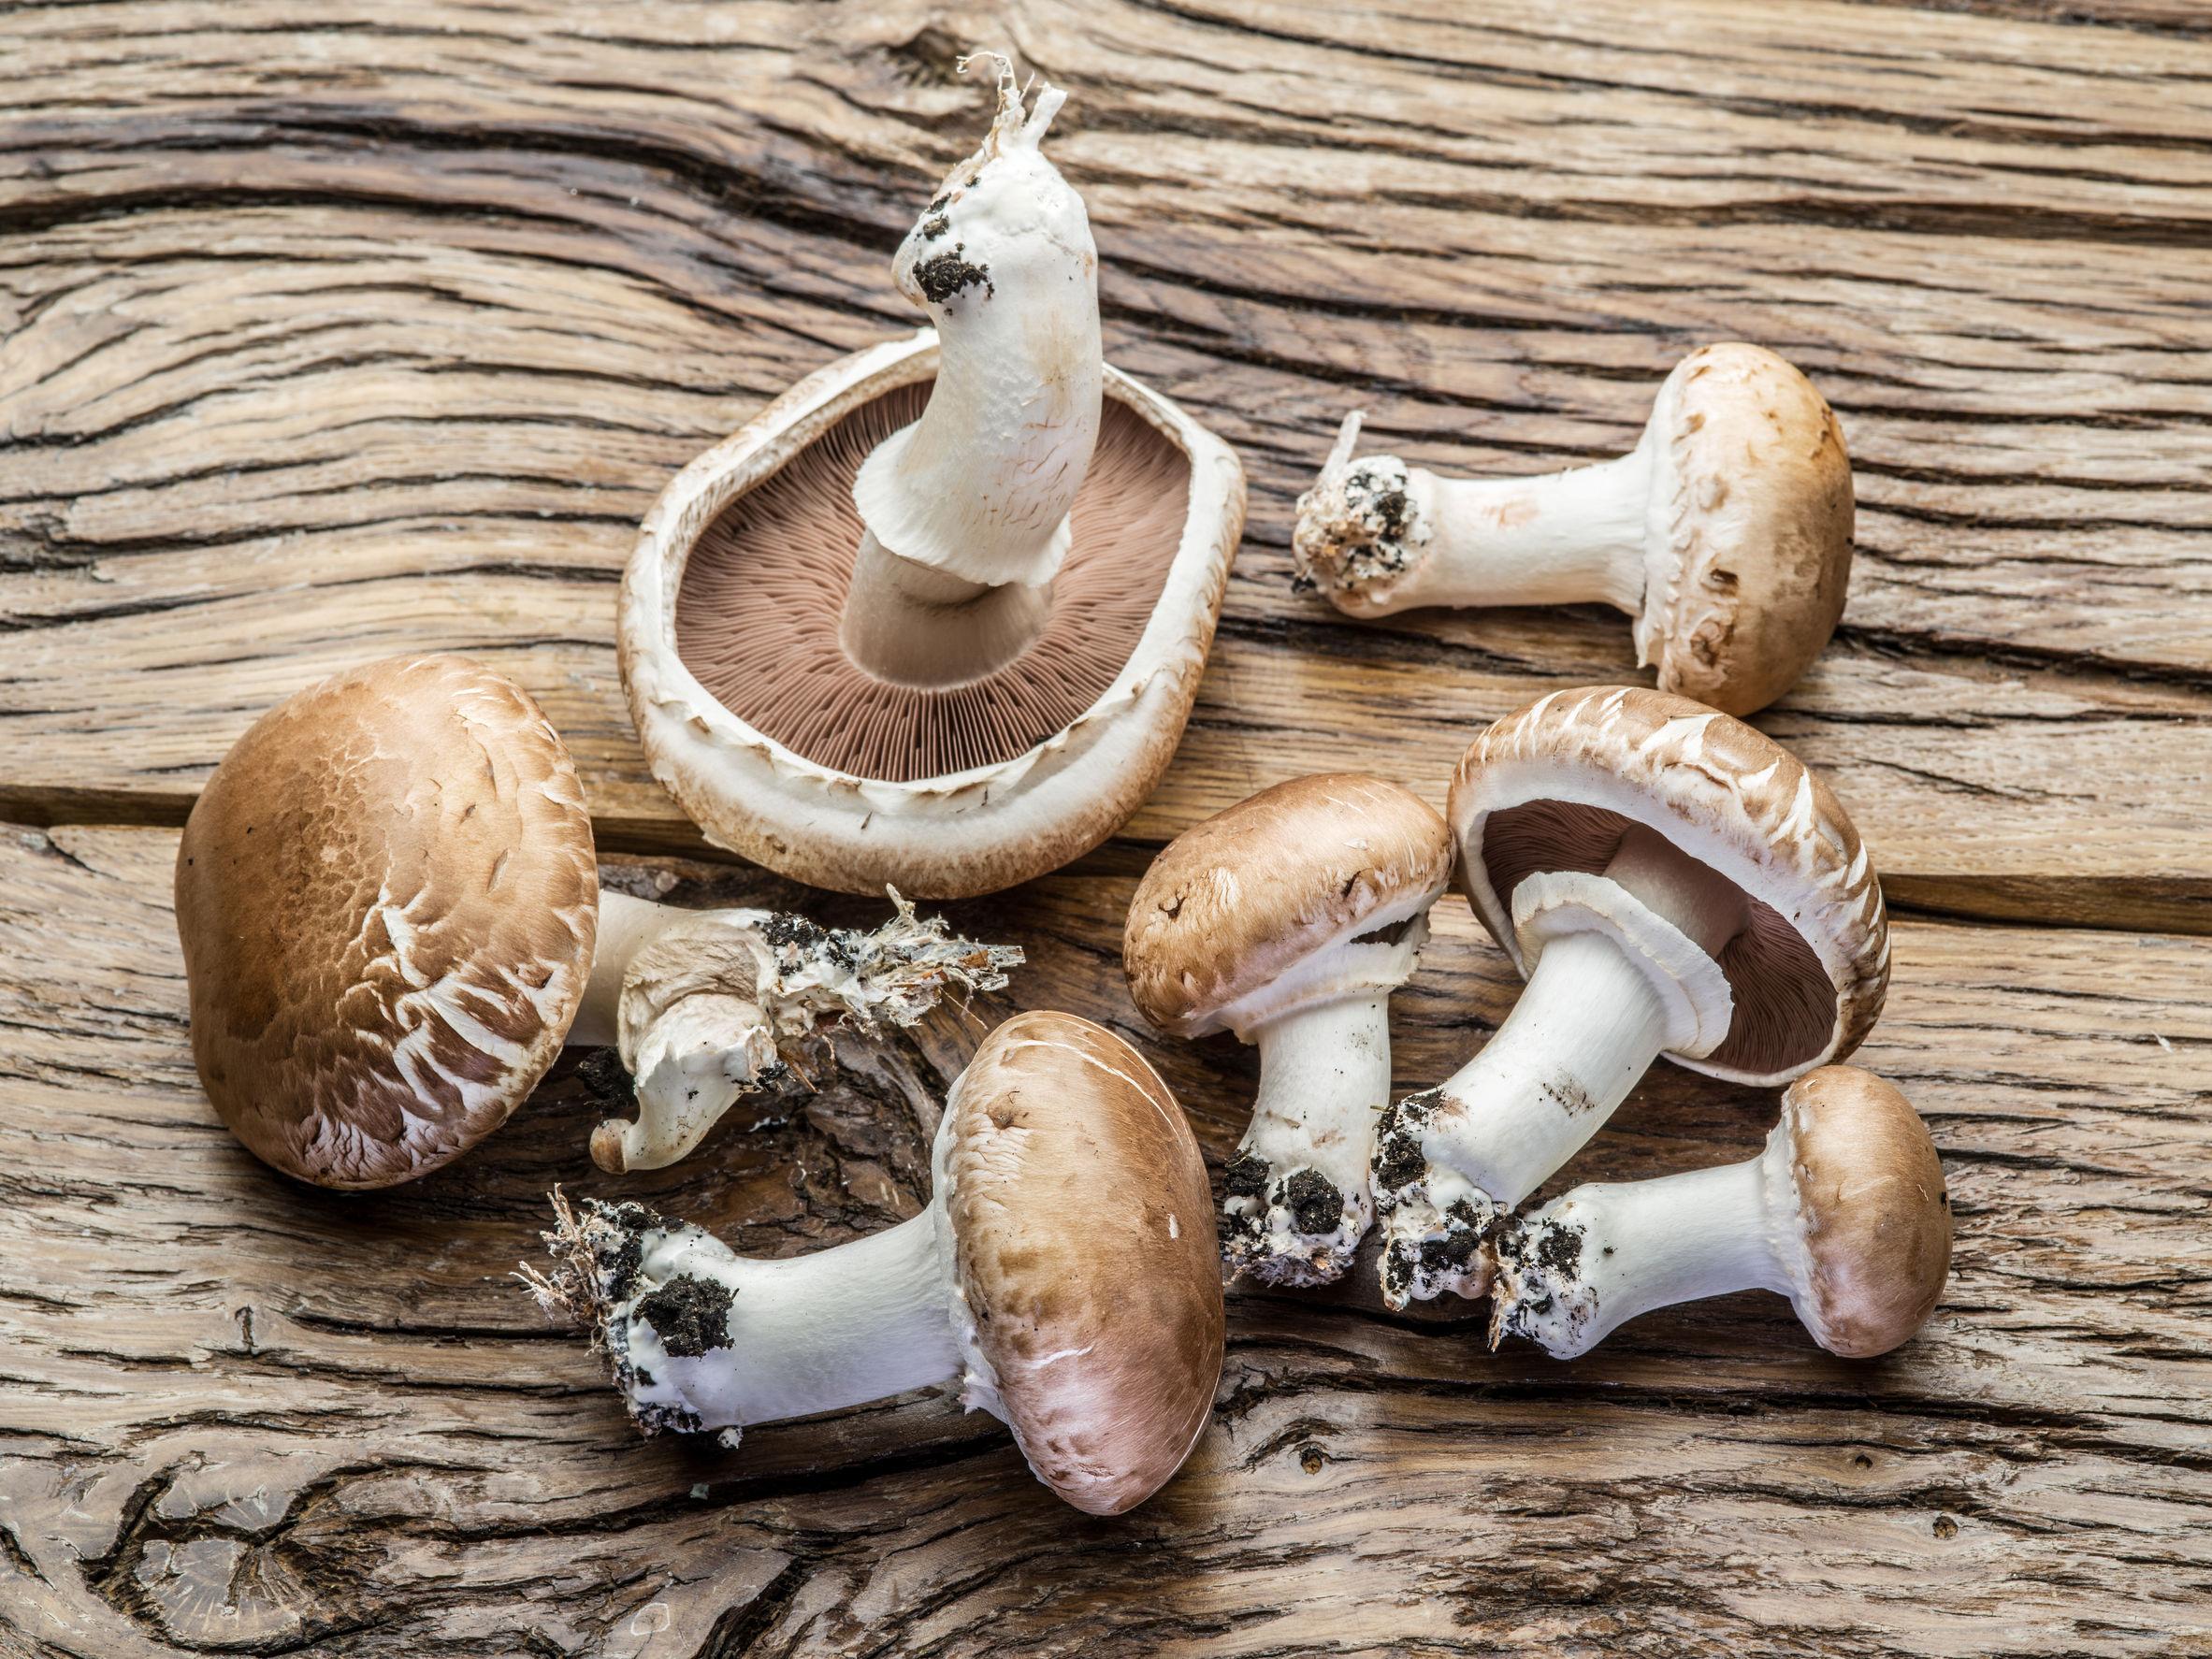 Cum să îți faci o afacere profitabilă cu ciuperci? | Ciuperci Forum